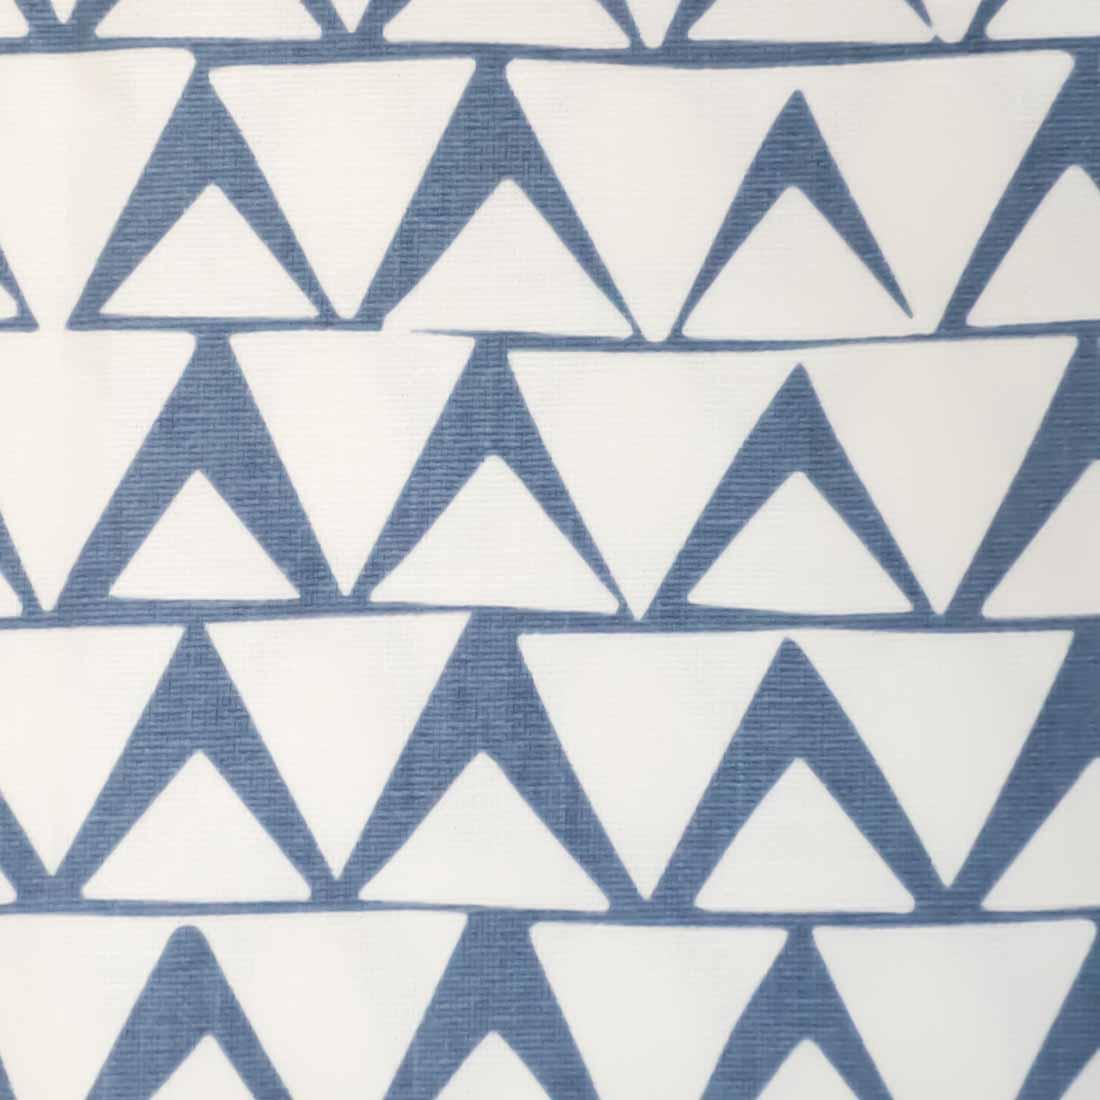 Triangles Inverse in Cornflower Blue